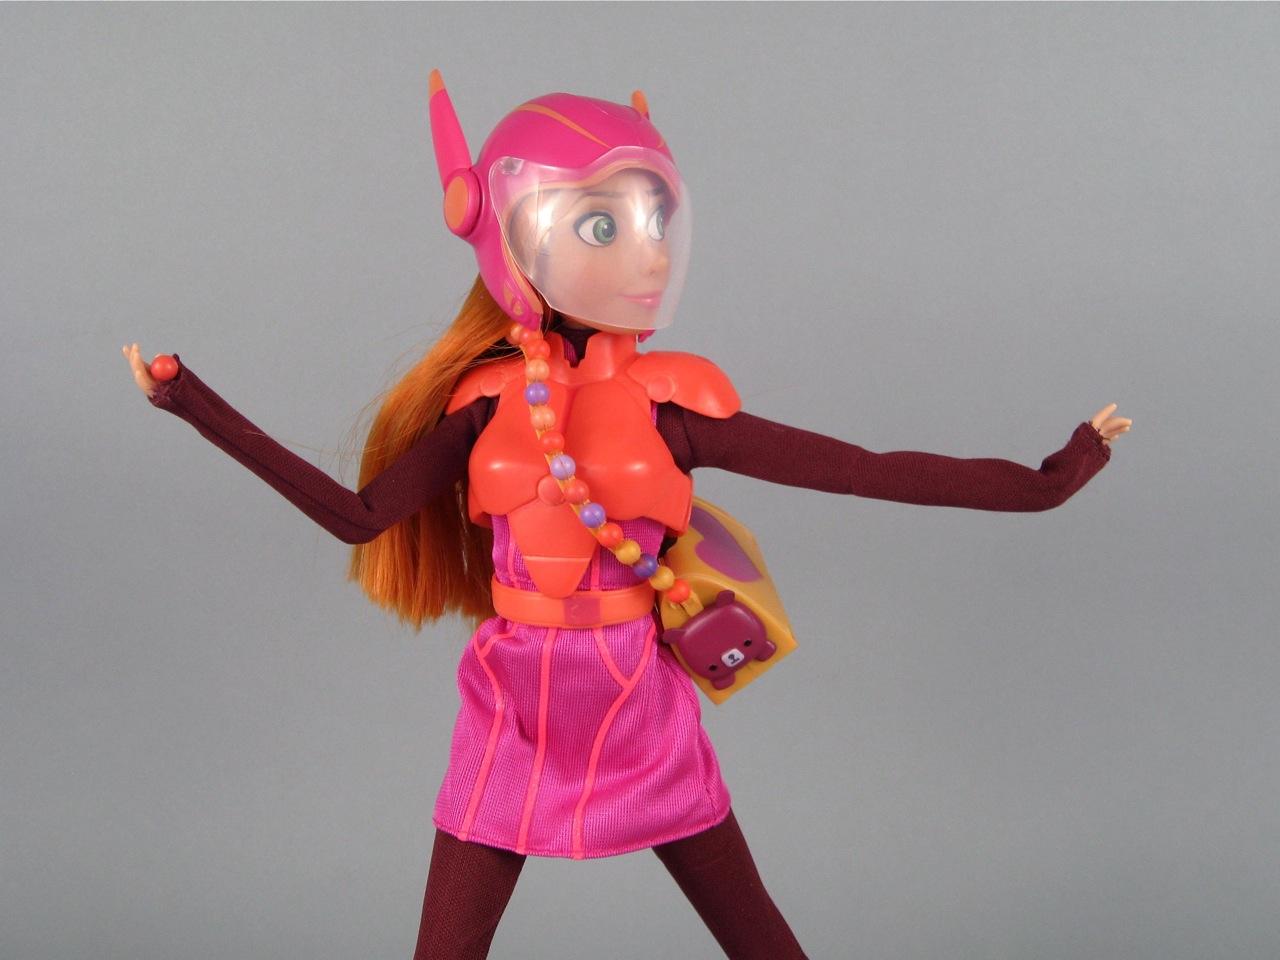 Disney Store's Honey Lemon doll